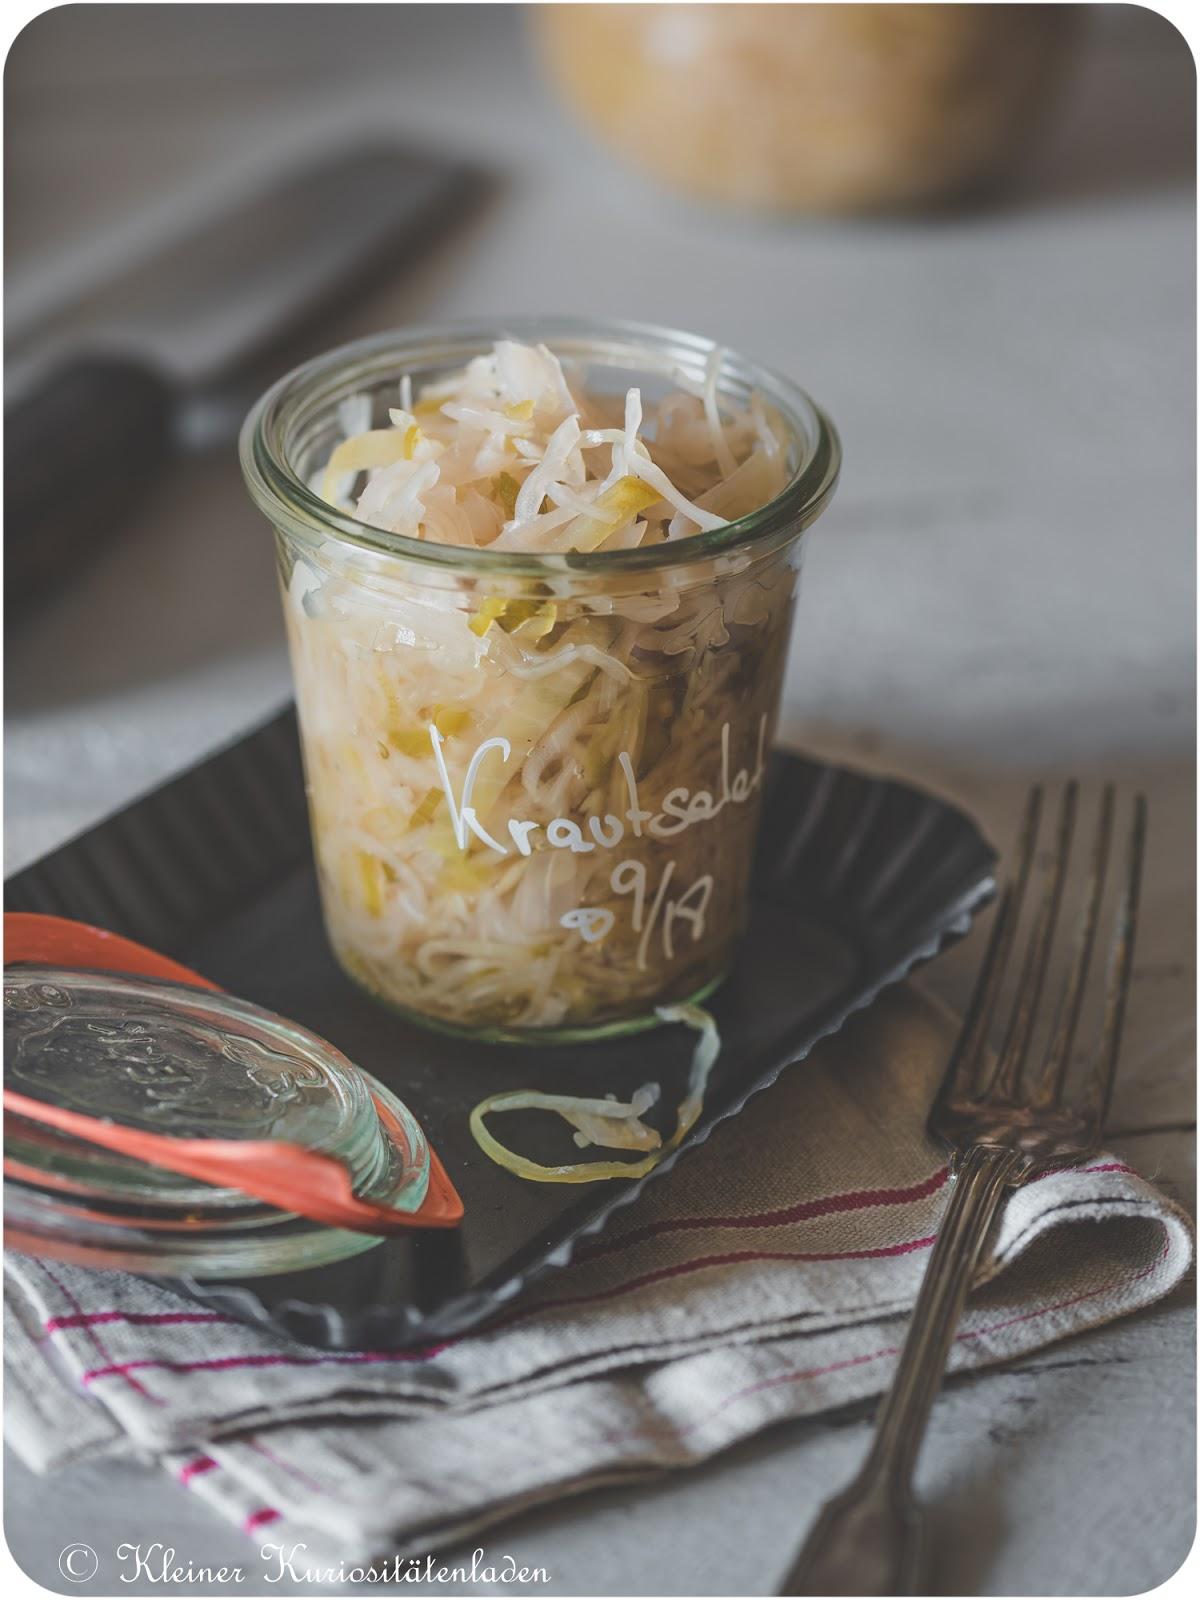 Krautsalat, eingeweckt